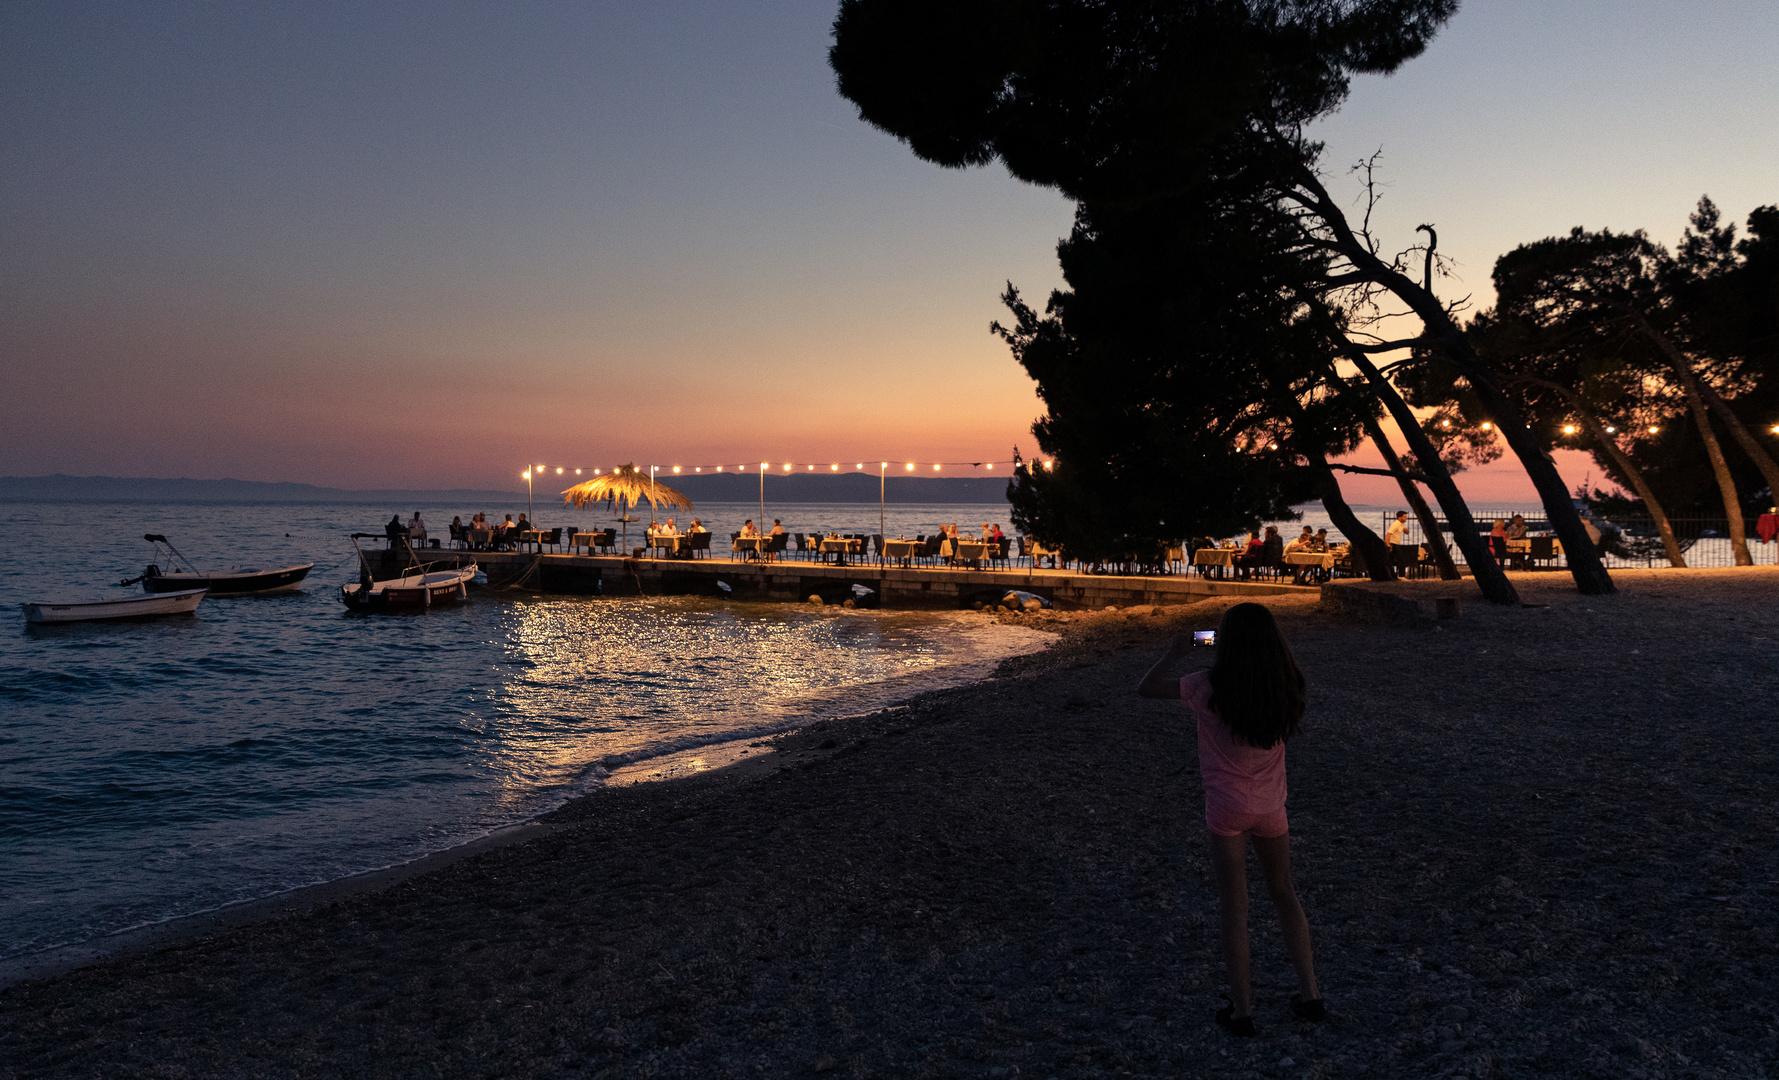 Erinnerung an einen schönen Abend in Kroatien